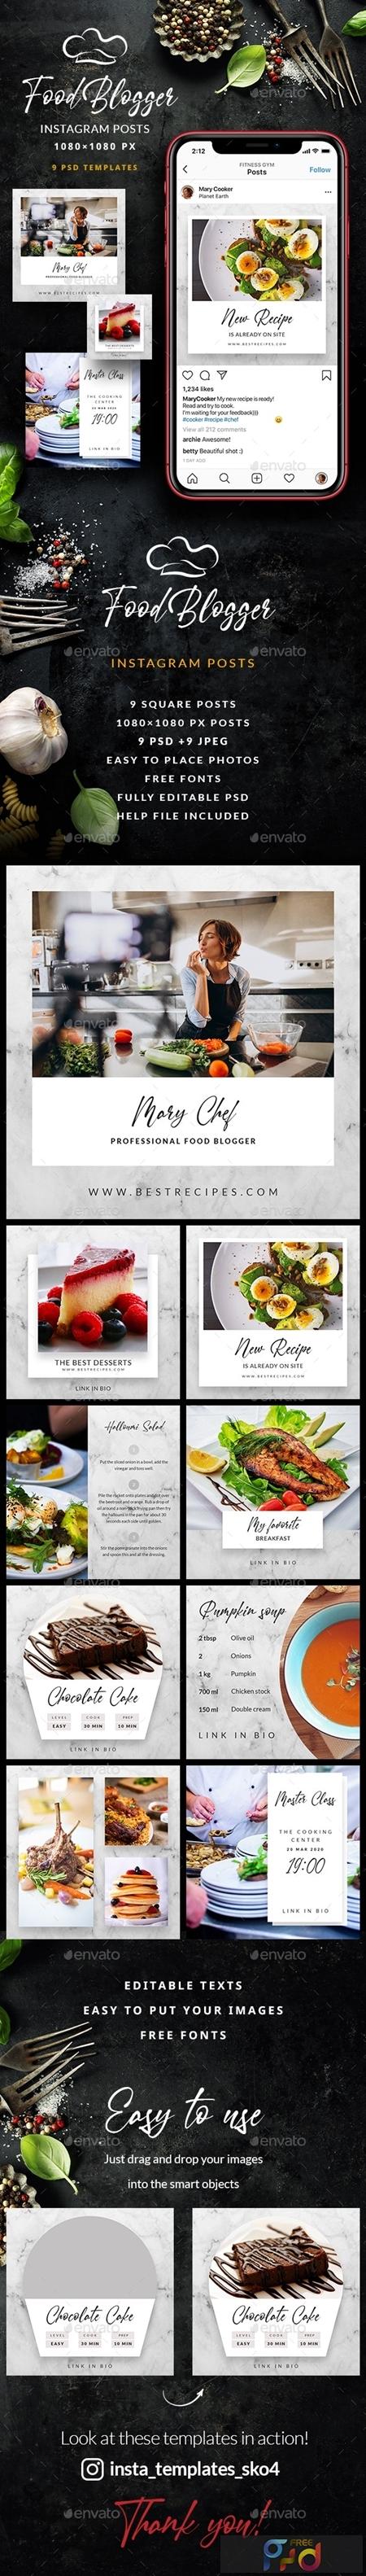 Food Blogger - Instagram Posts 25614998 1